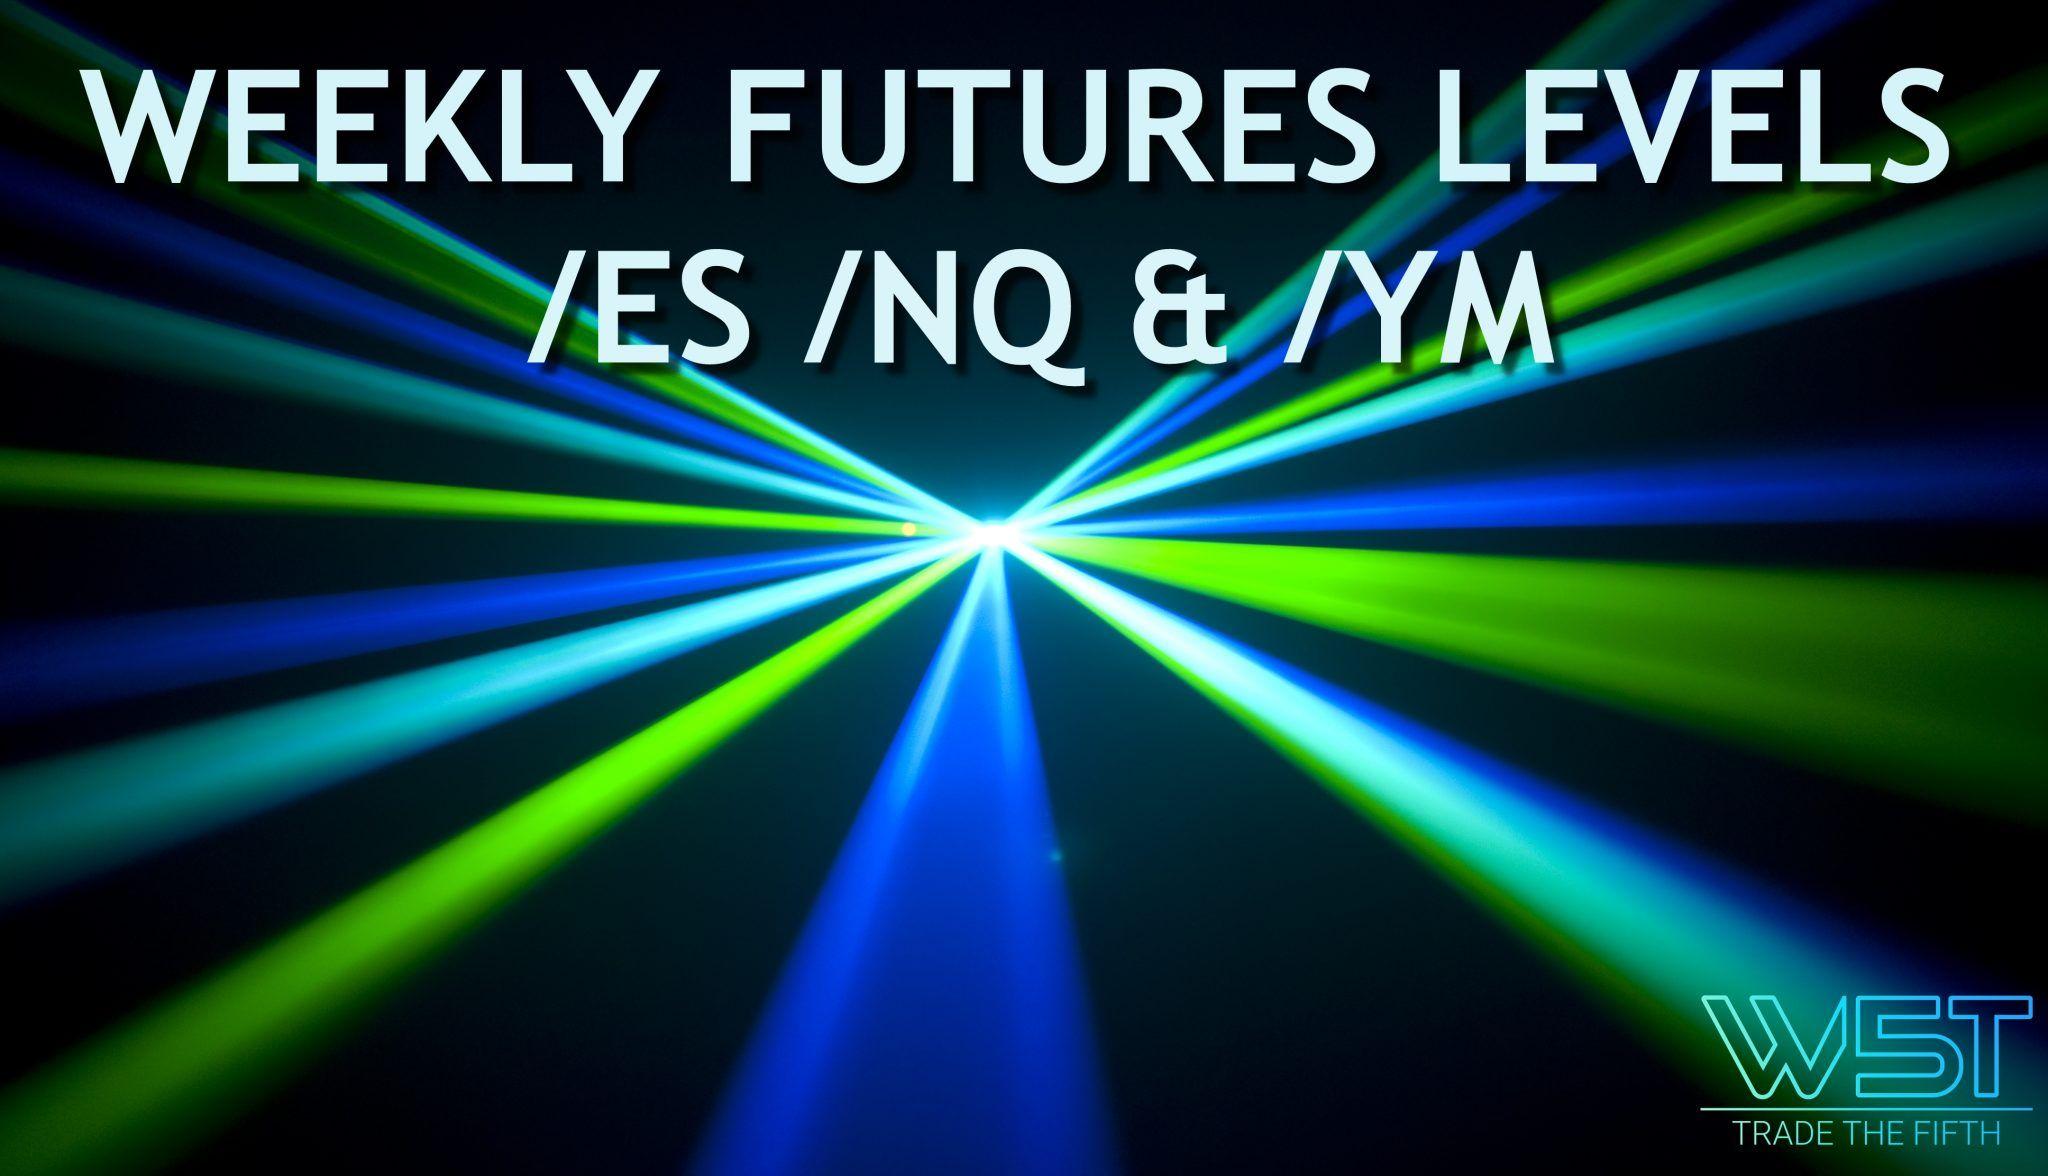 Sharetweetgoogle Linkedinus Indices Futures Weekly Levels Amp